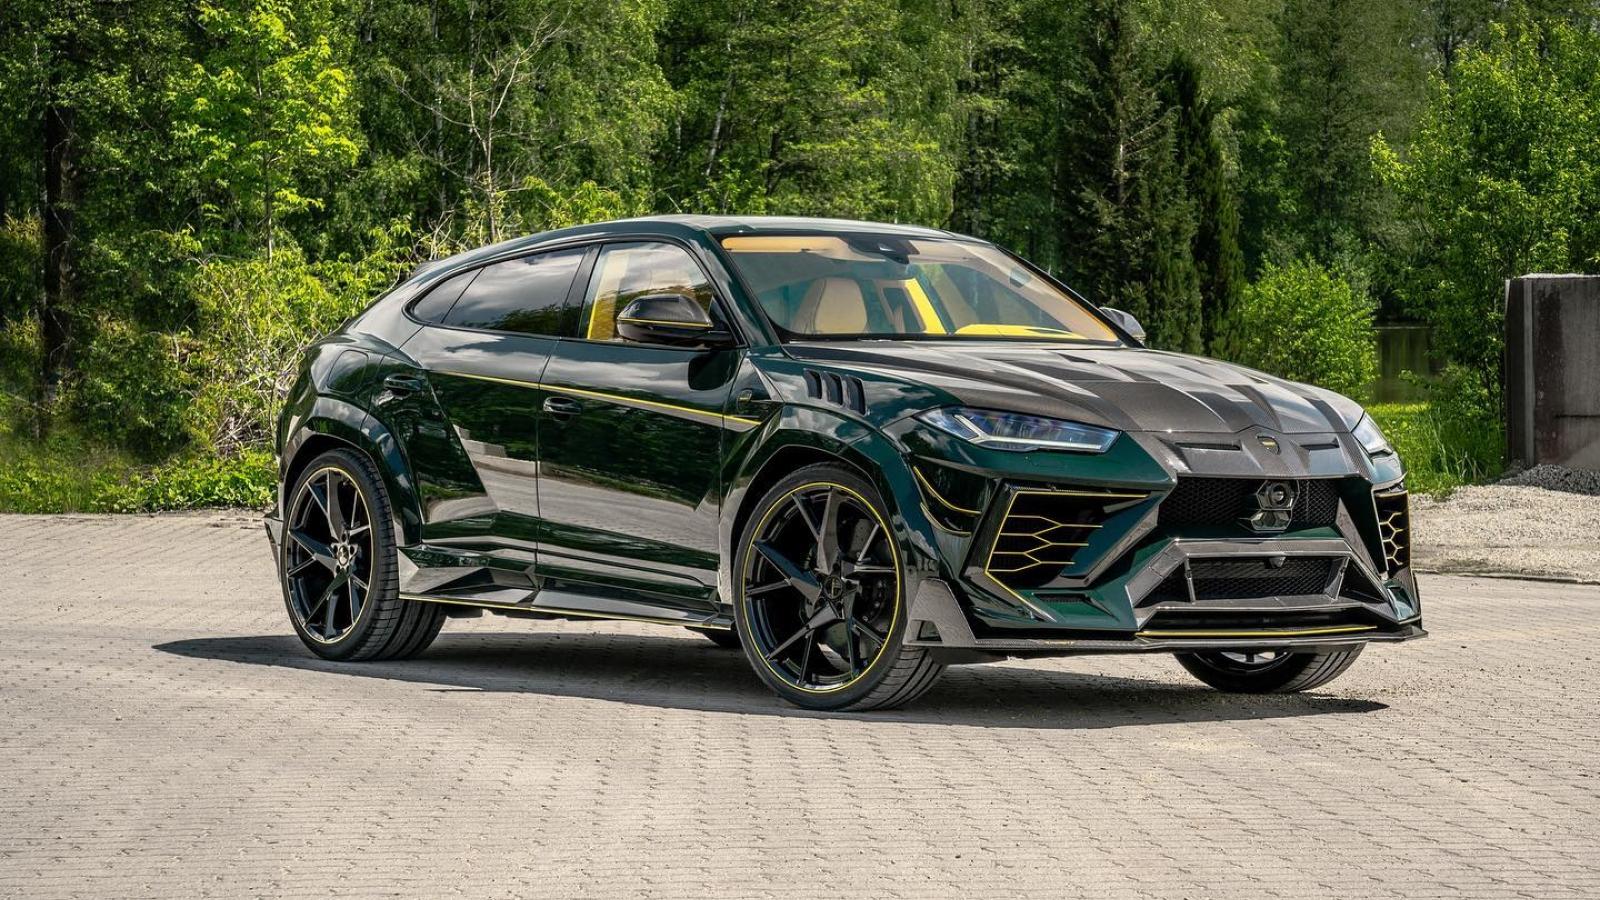 Mansory tiếp tục tung ra thêm Lamborghini Urus với gói độ Venatus